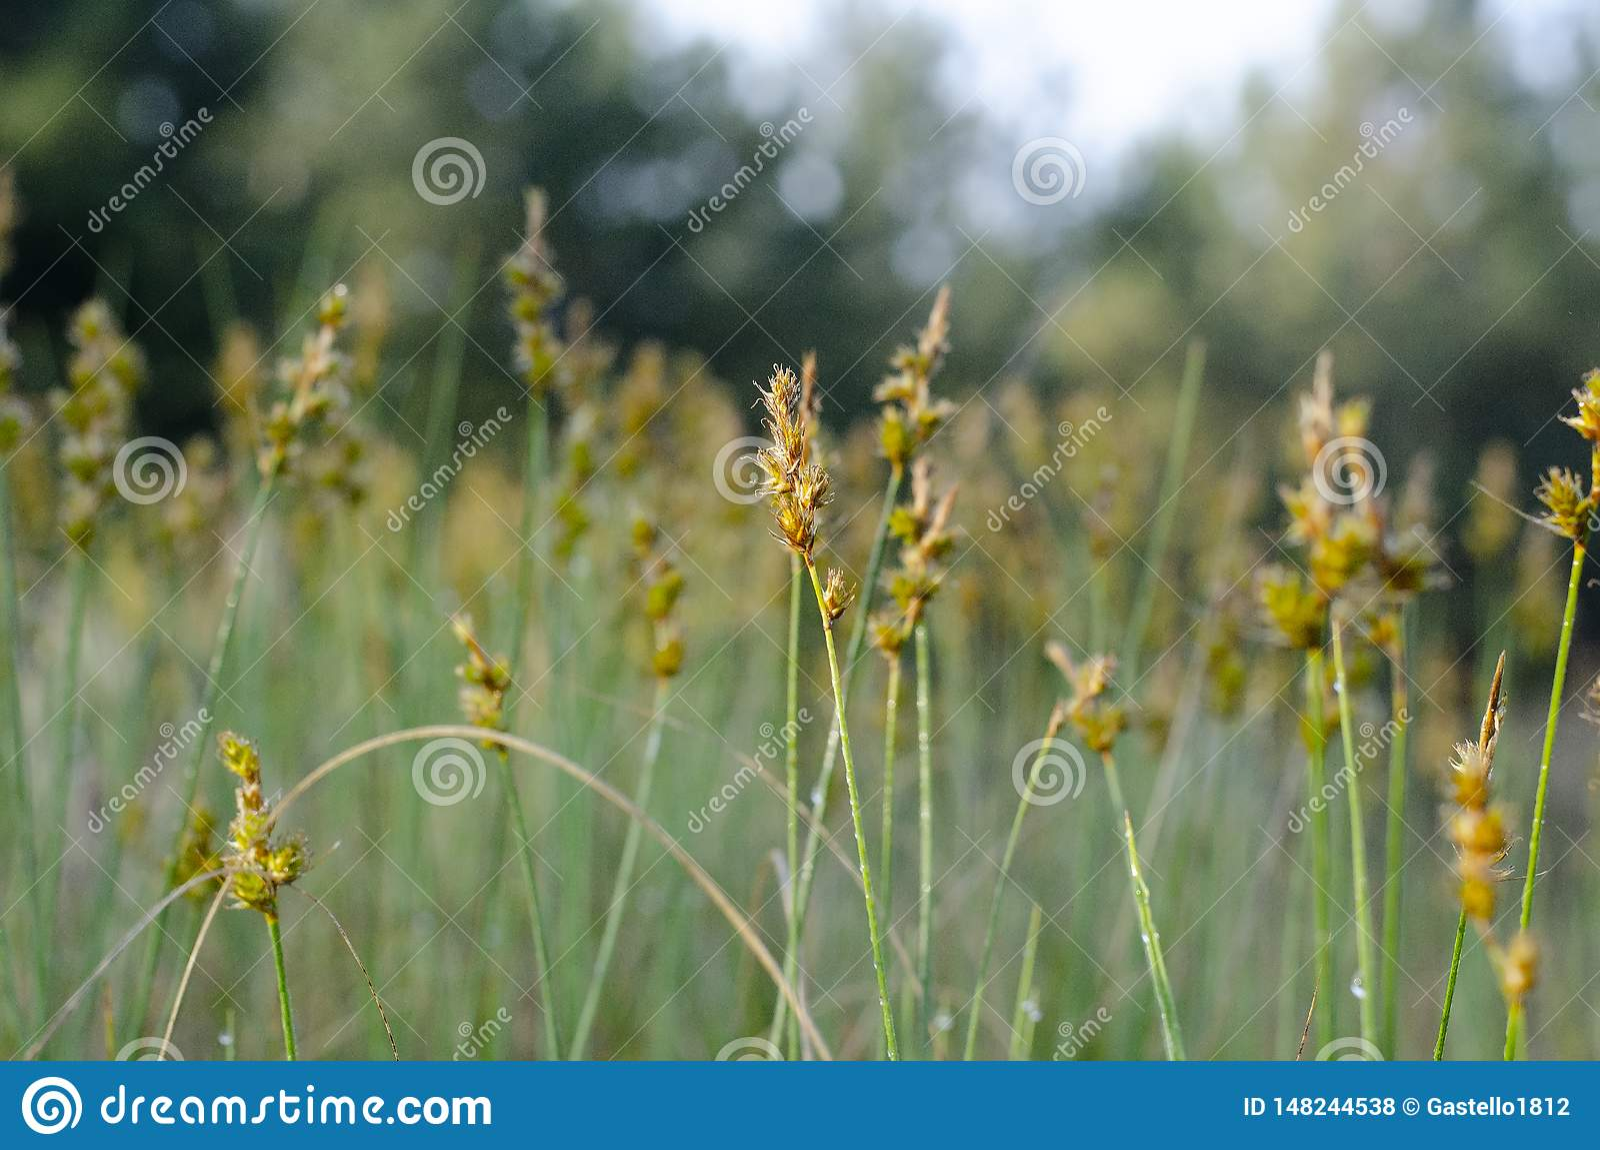 Flor amarela de Zubrovka no centro com borrão em torno das bordas